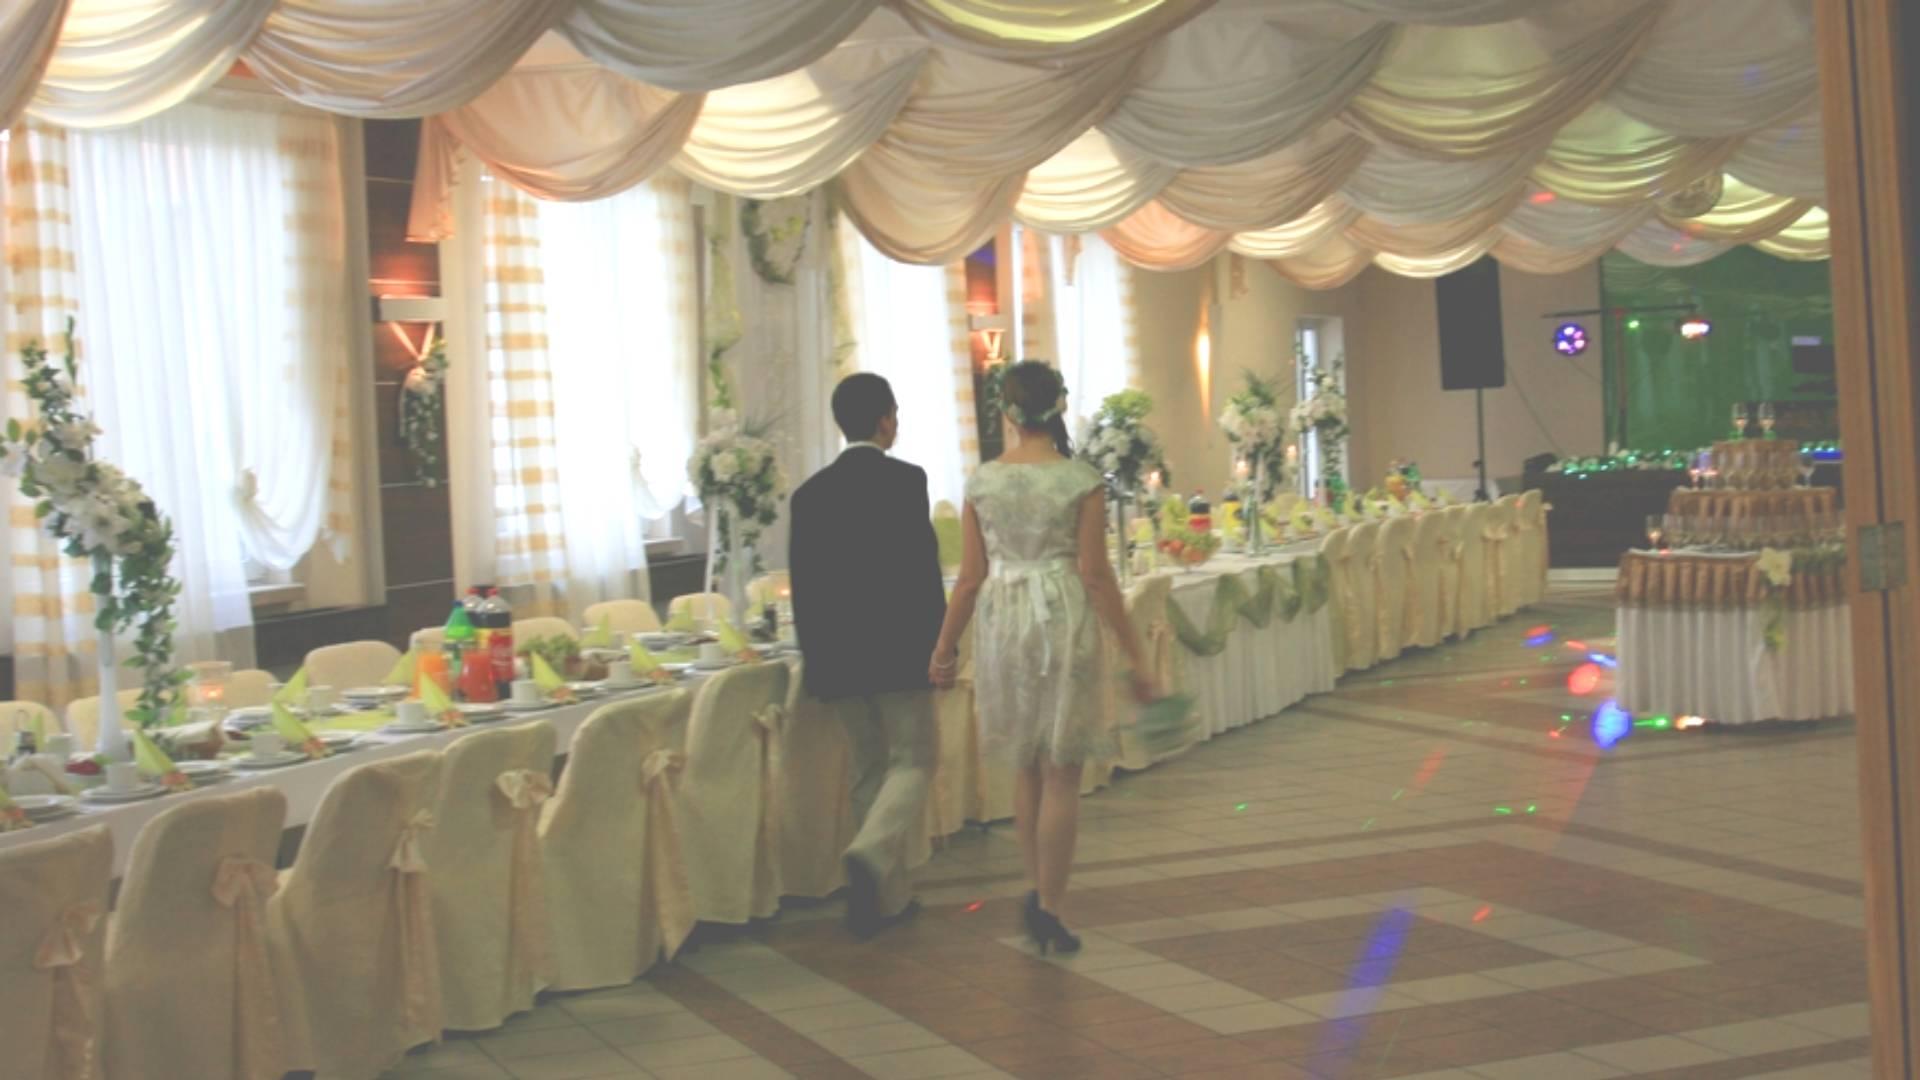 IMG 57721 - Zaręczyliśmy się w wannie, zamiast pierścionka dostałam pendrive'a i inne dziwne rzeczy o naszym weselu w ósmą rocznicę ślubu